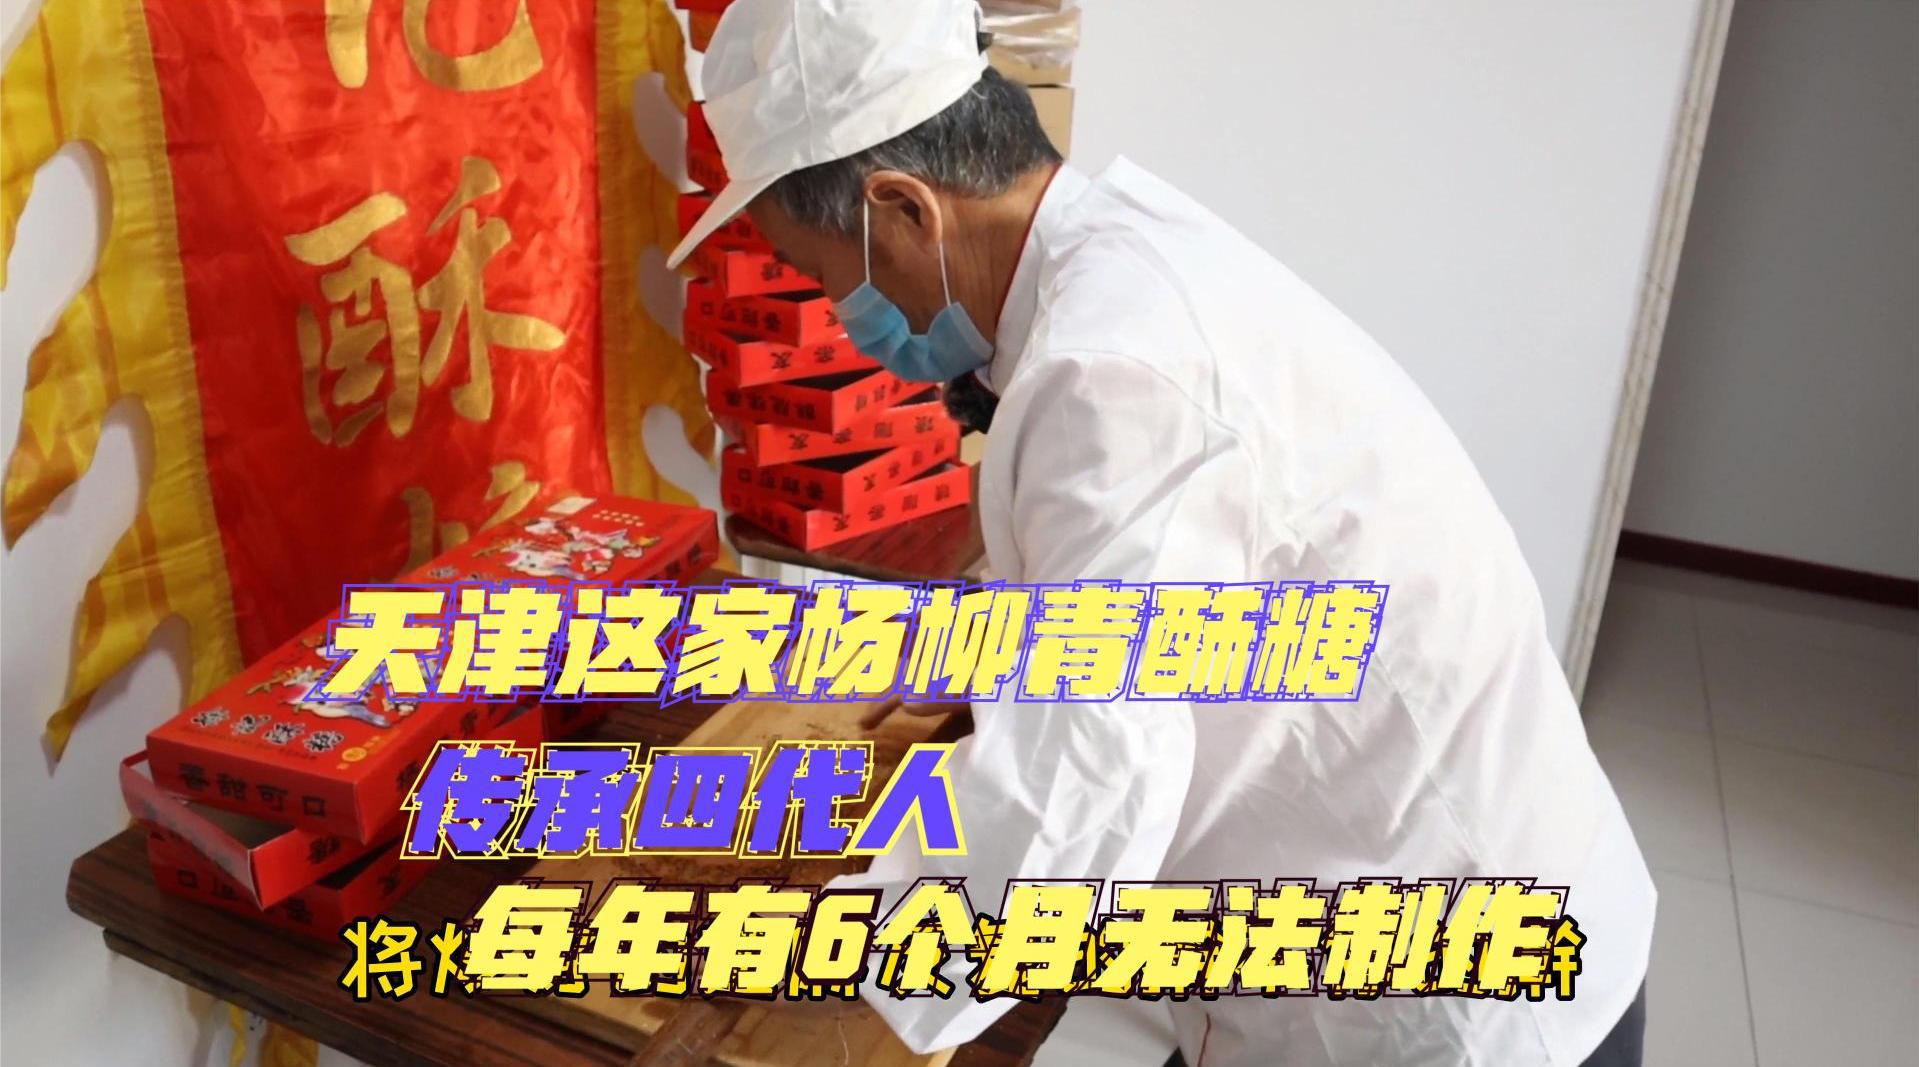 这家杨柳青酥糖,传承四代人,每年制作6个月,酥脆香甜!